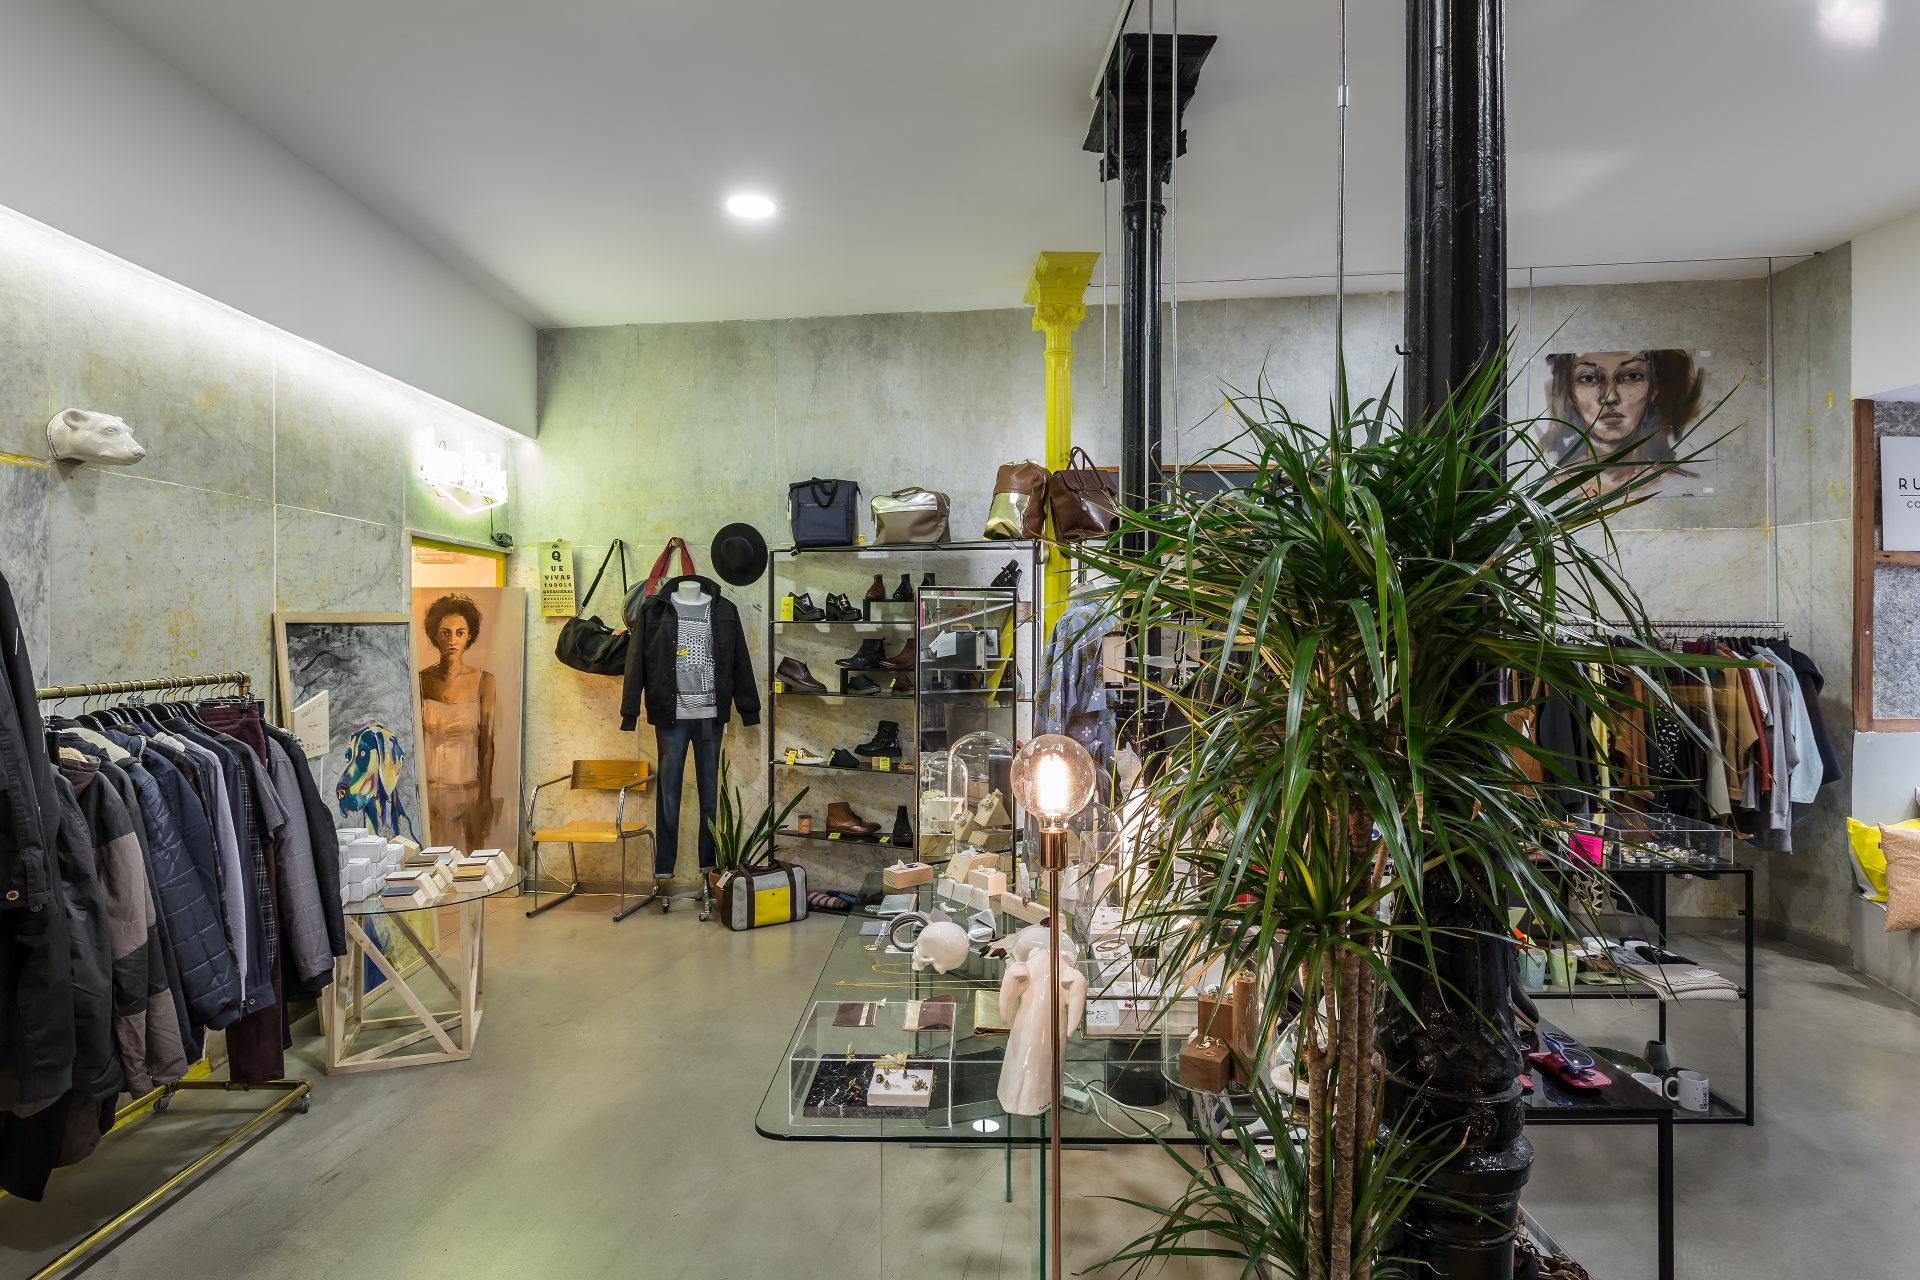 fotografia-arquitectura-interiorismo-valencia-german-cabo-viraje-casa-quiroga-madrid (11)